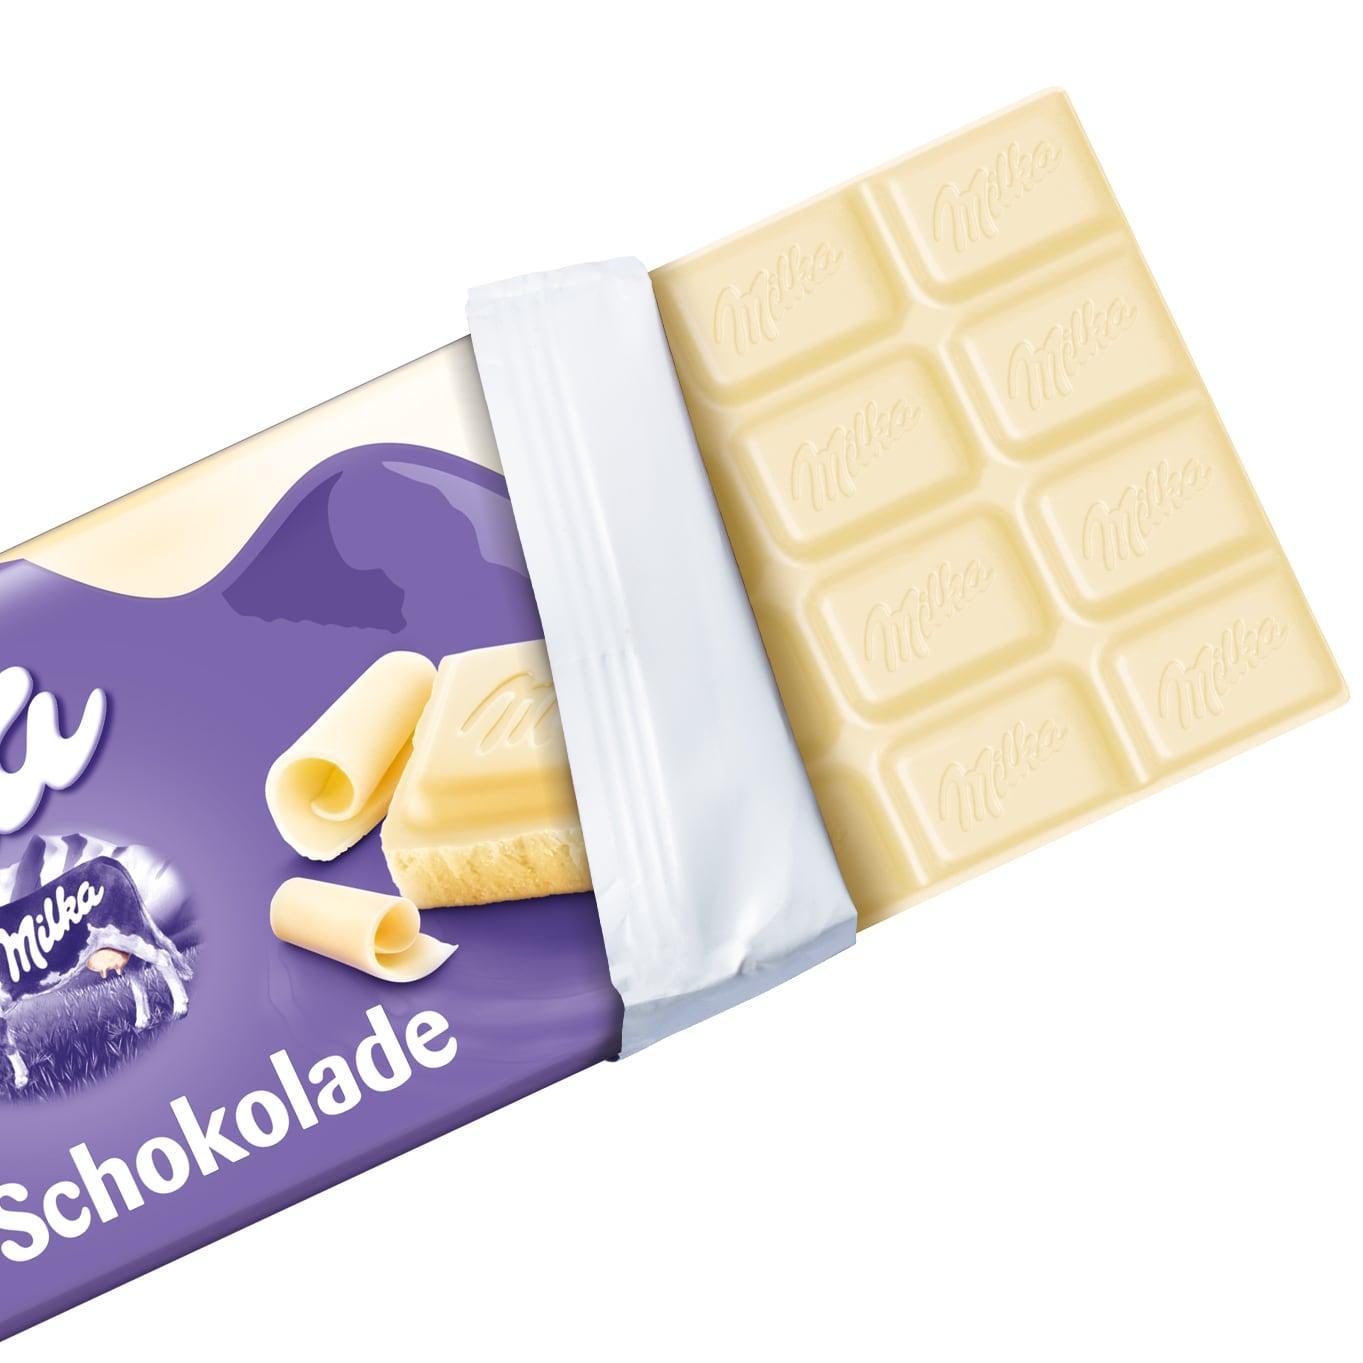 Milka Tafel Weisse Schokolade 100g Bei Rewe Online Bestellen